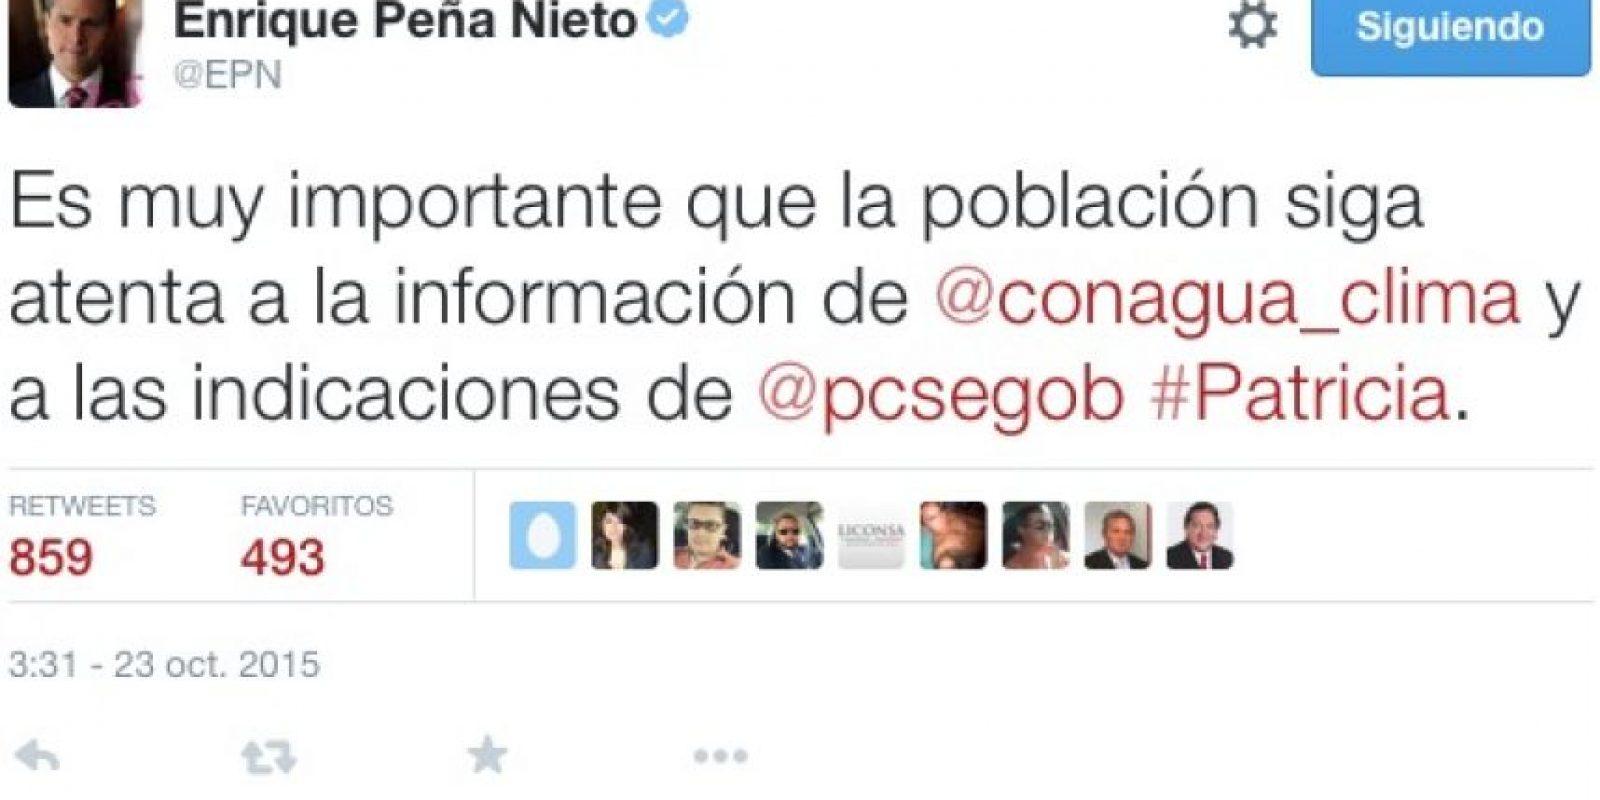 Enrique Peña Nieto, presidente de México Foto:Twitter